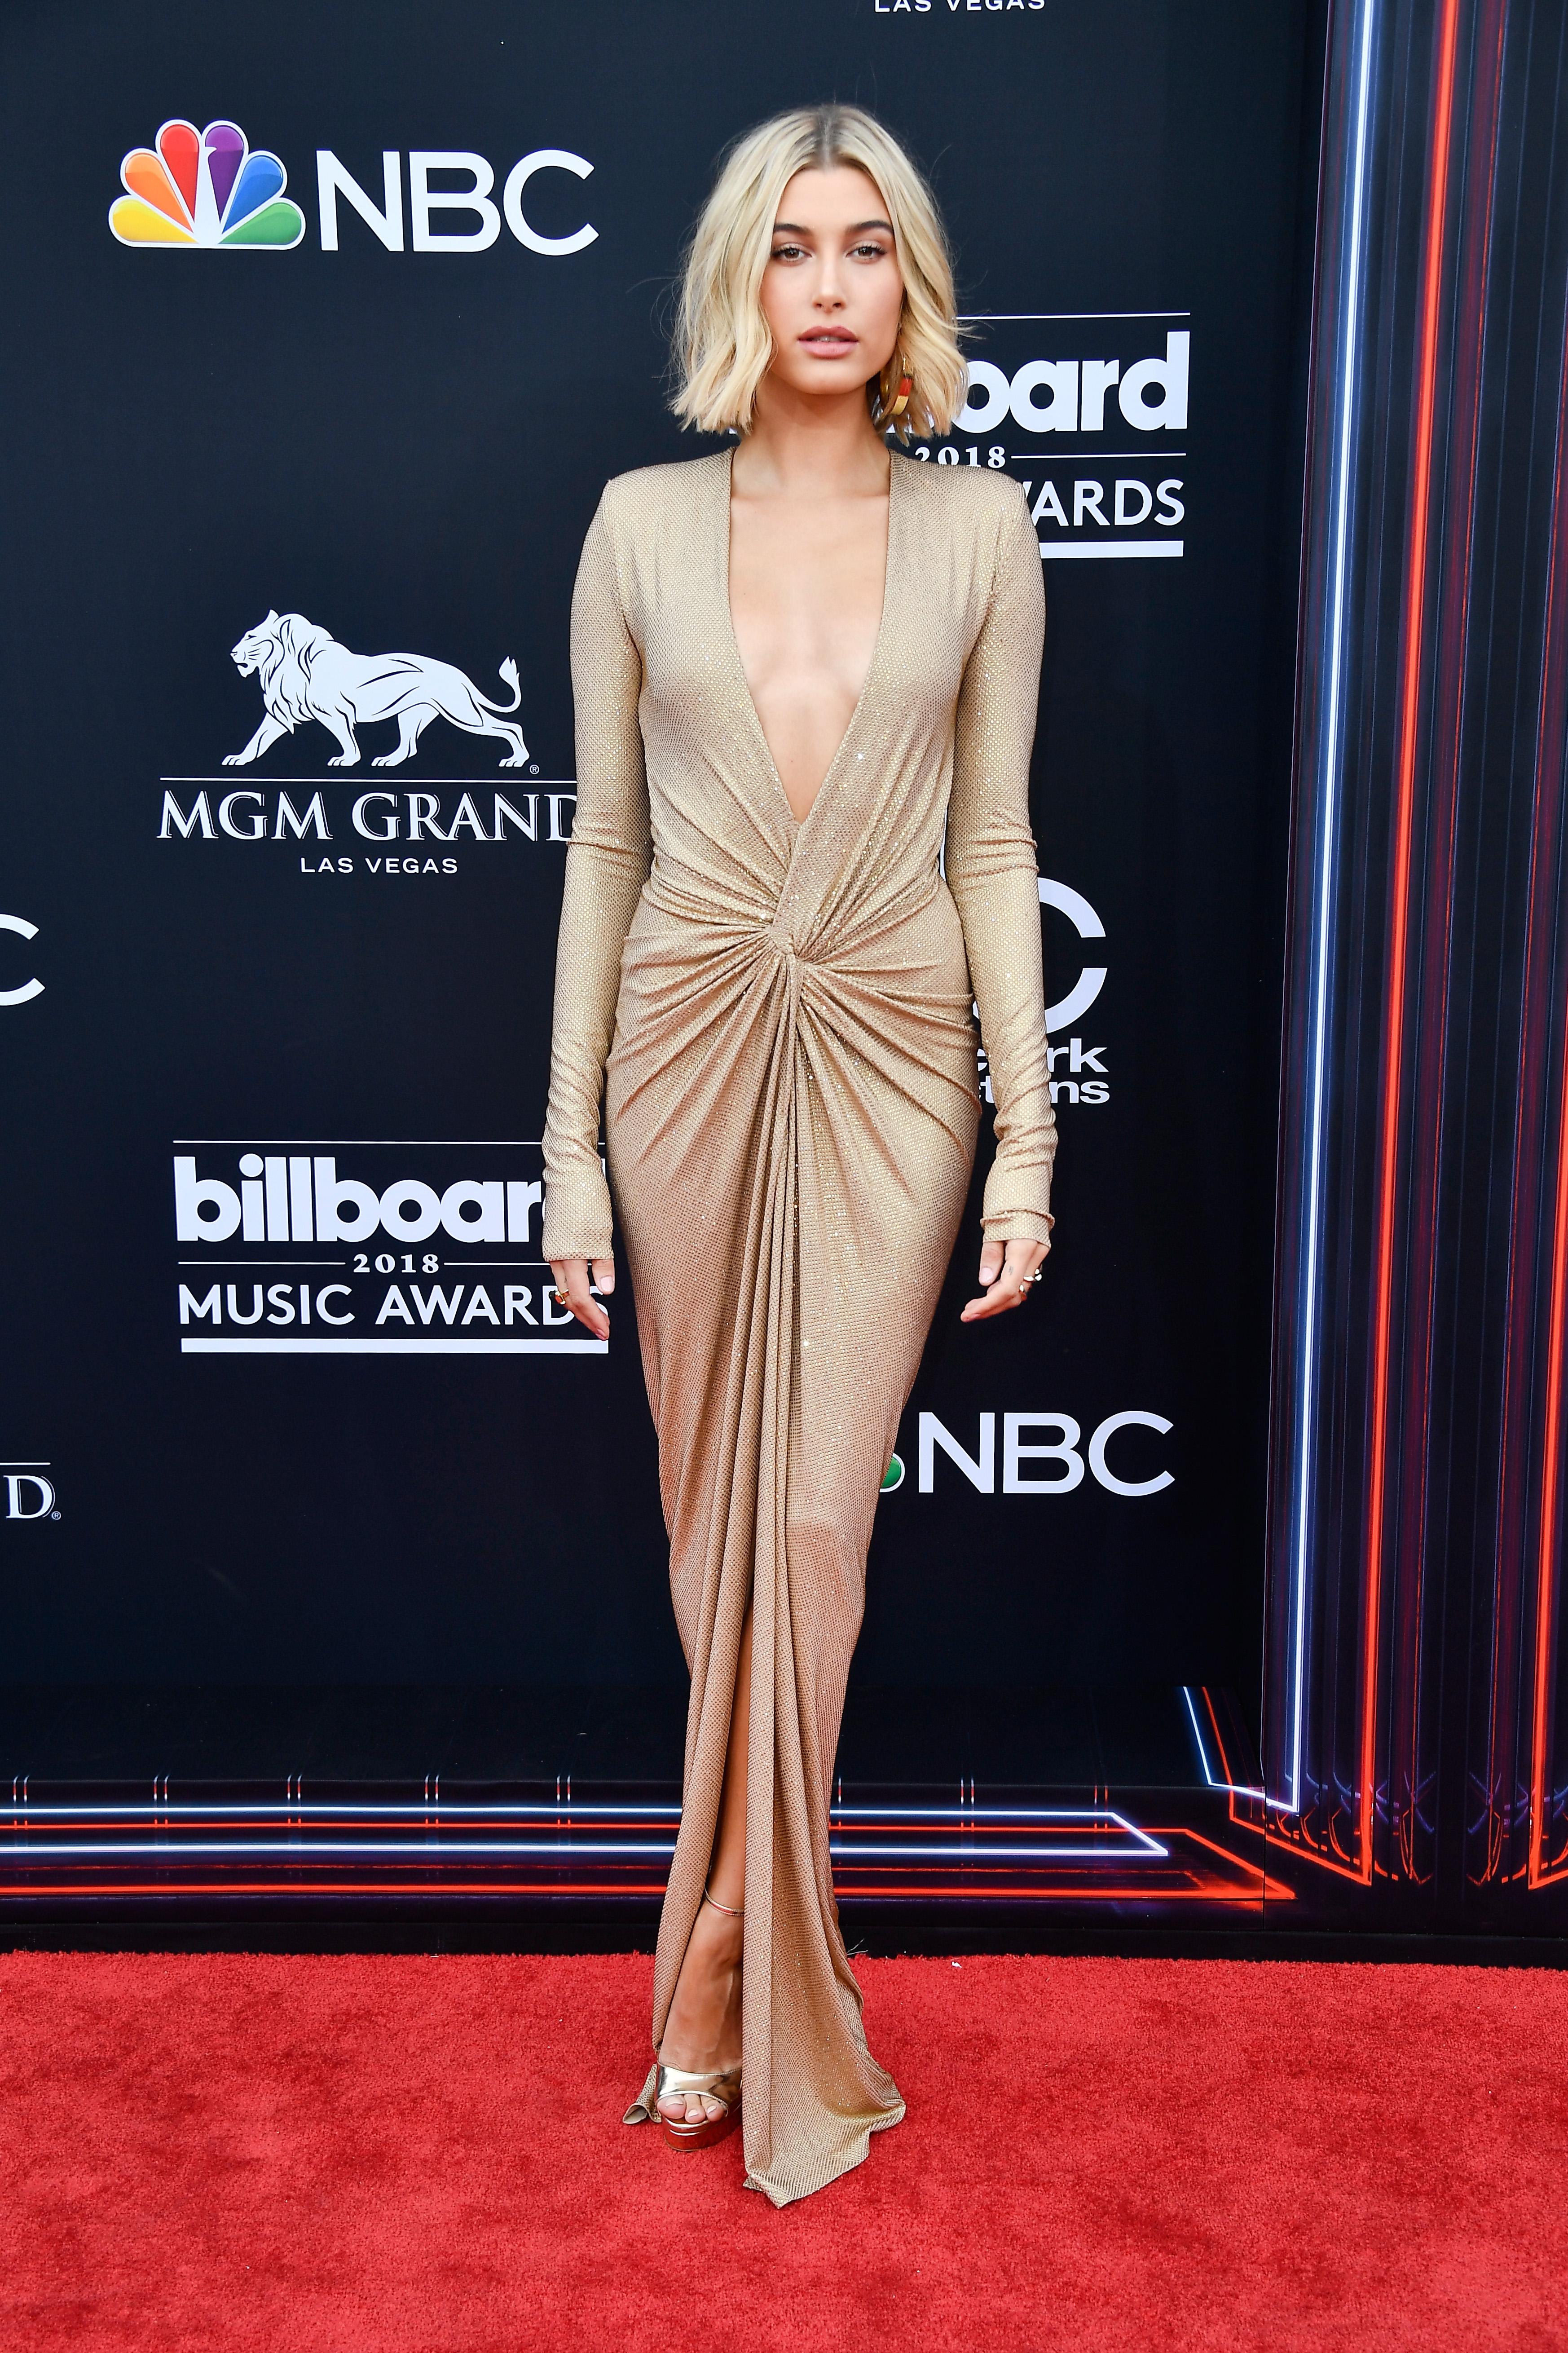 """В Лас Вегас се проведоха годишните музикални награди на """"Билборд"""". Вижте част от звездите, които присъстваха на церемонията."""